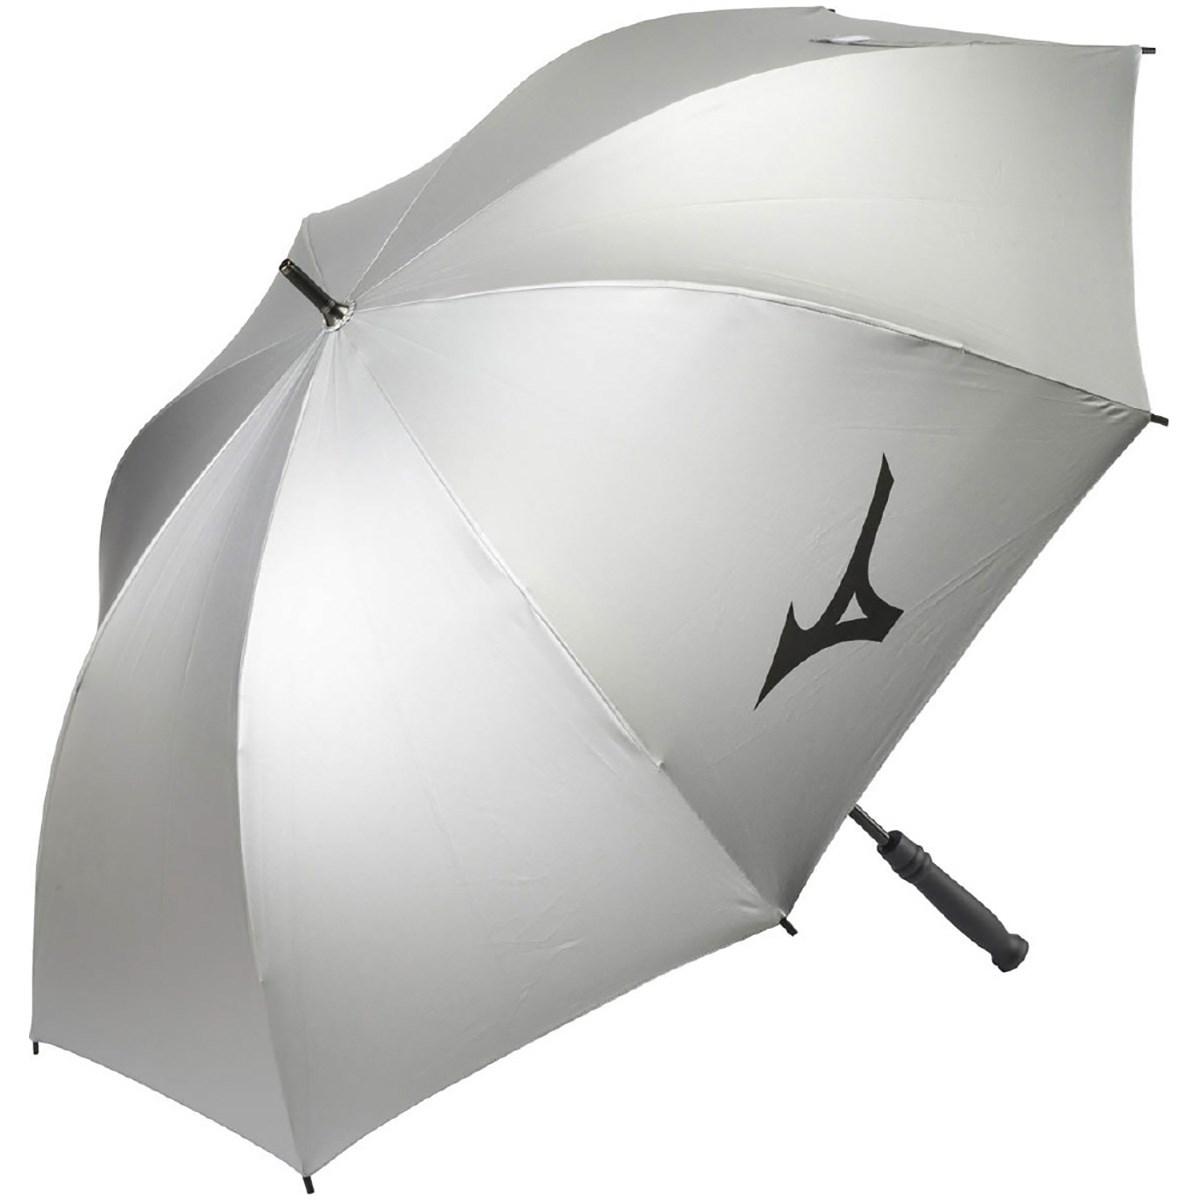 ミズノ(MIZUNO) UVカット晴雨兼用銀傘